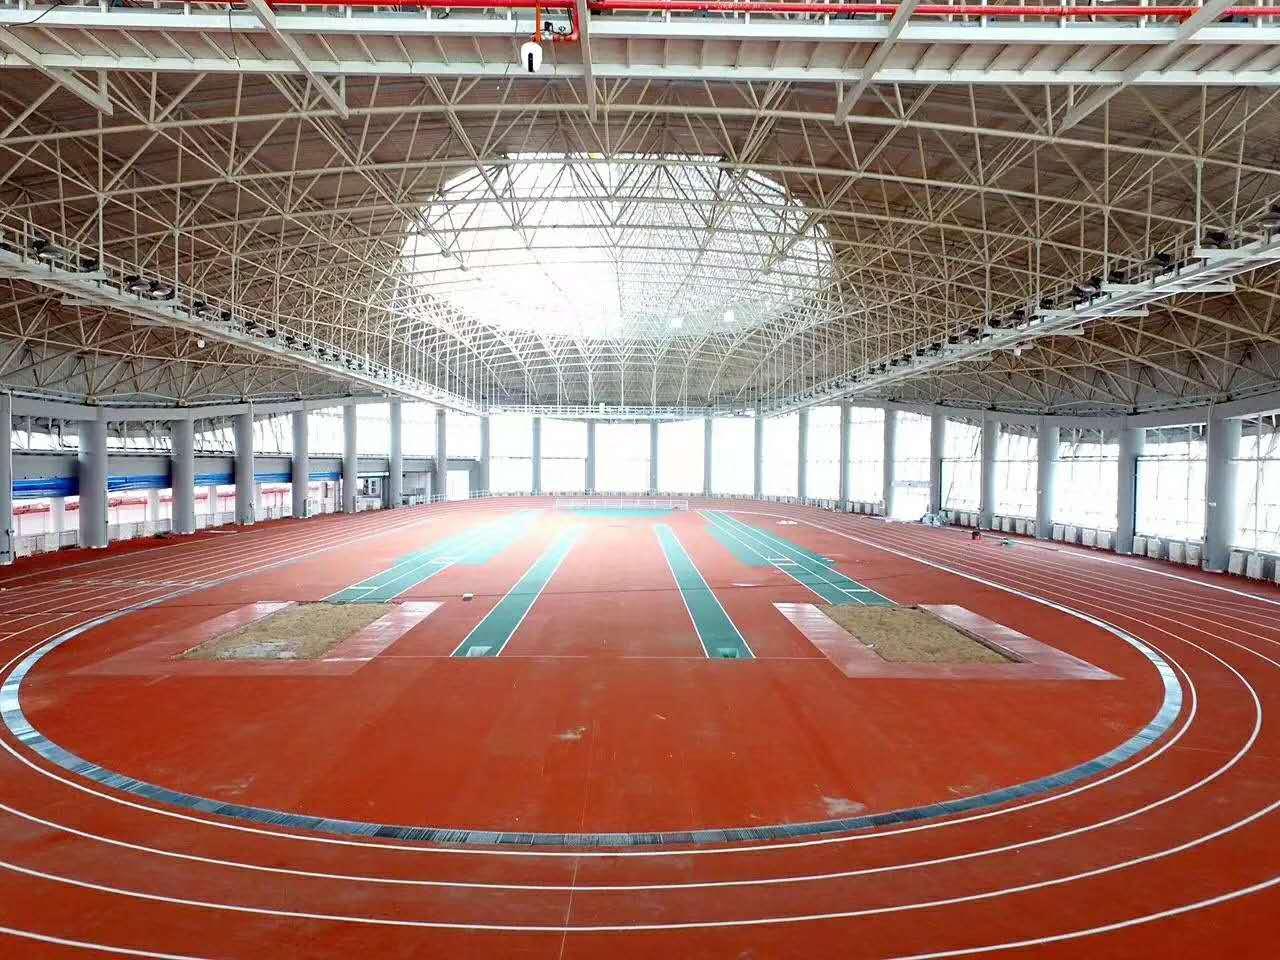 必威体育直播客户端下载中心预制型跑道及配套设施项目完工